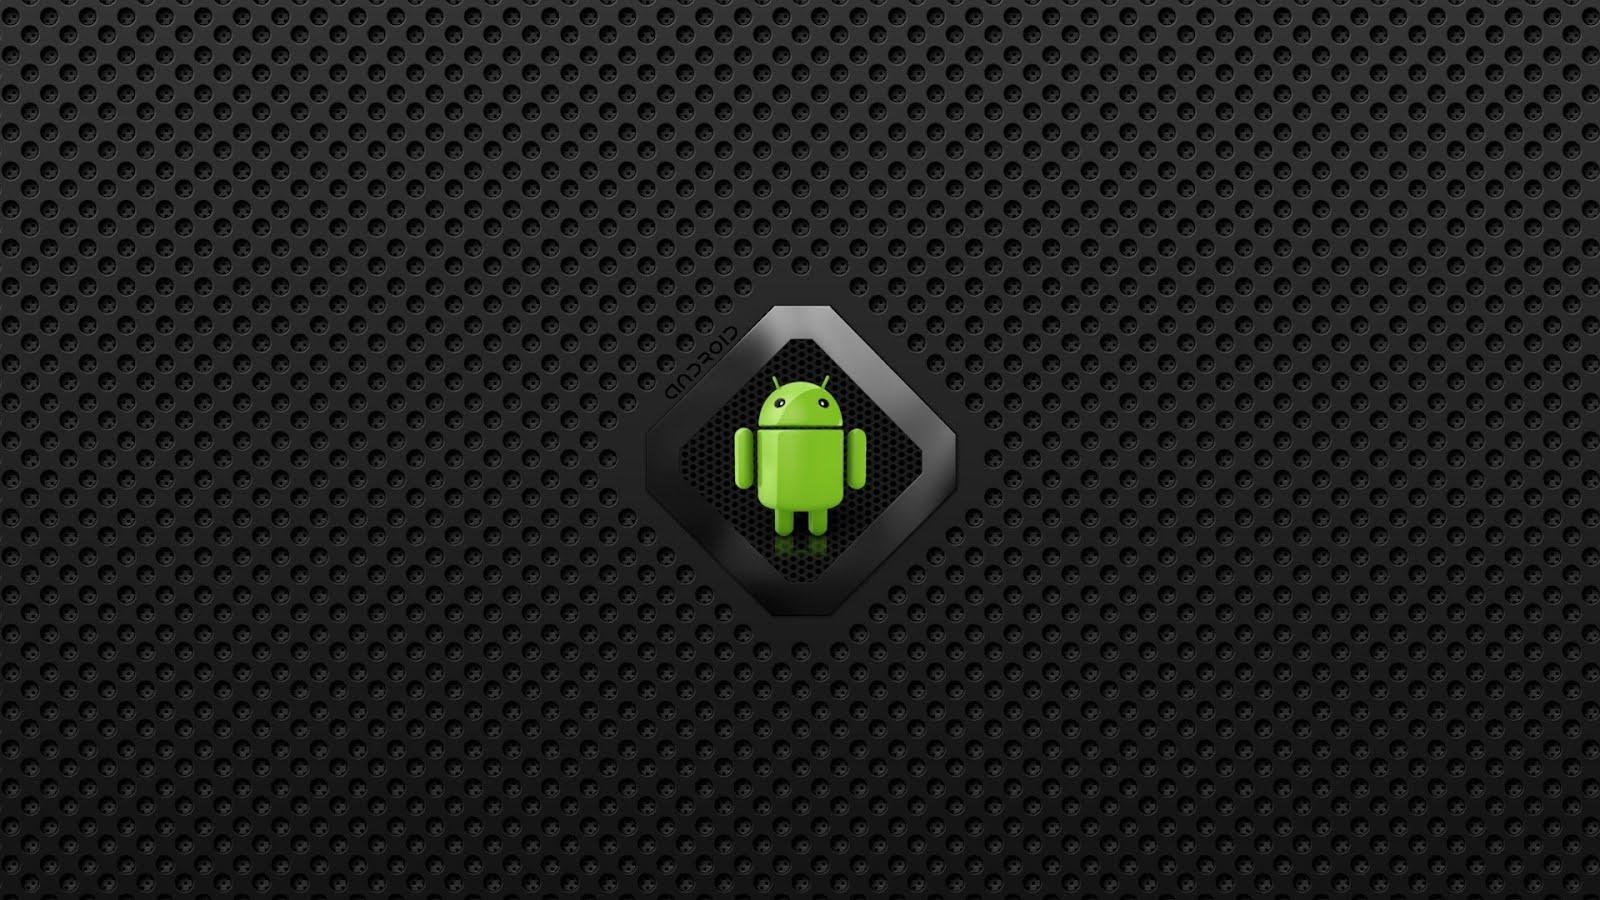 http://3.bp.blogspot.com/-7vqZEraLkvE/T1KYwNcG9jI/AAAAAAAAAT0/QO6Sr2qX_wI/s1600/android-logo-1920x1080-wallpaper-4464.jpg